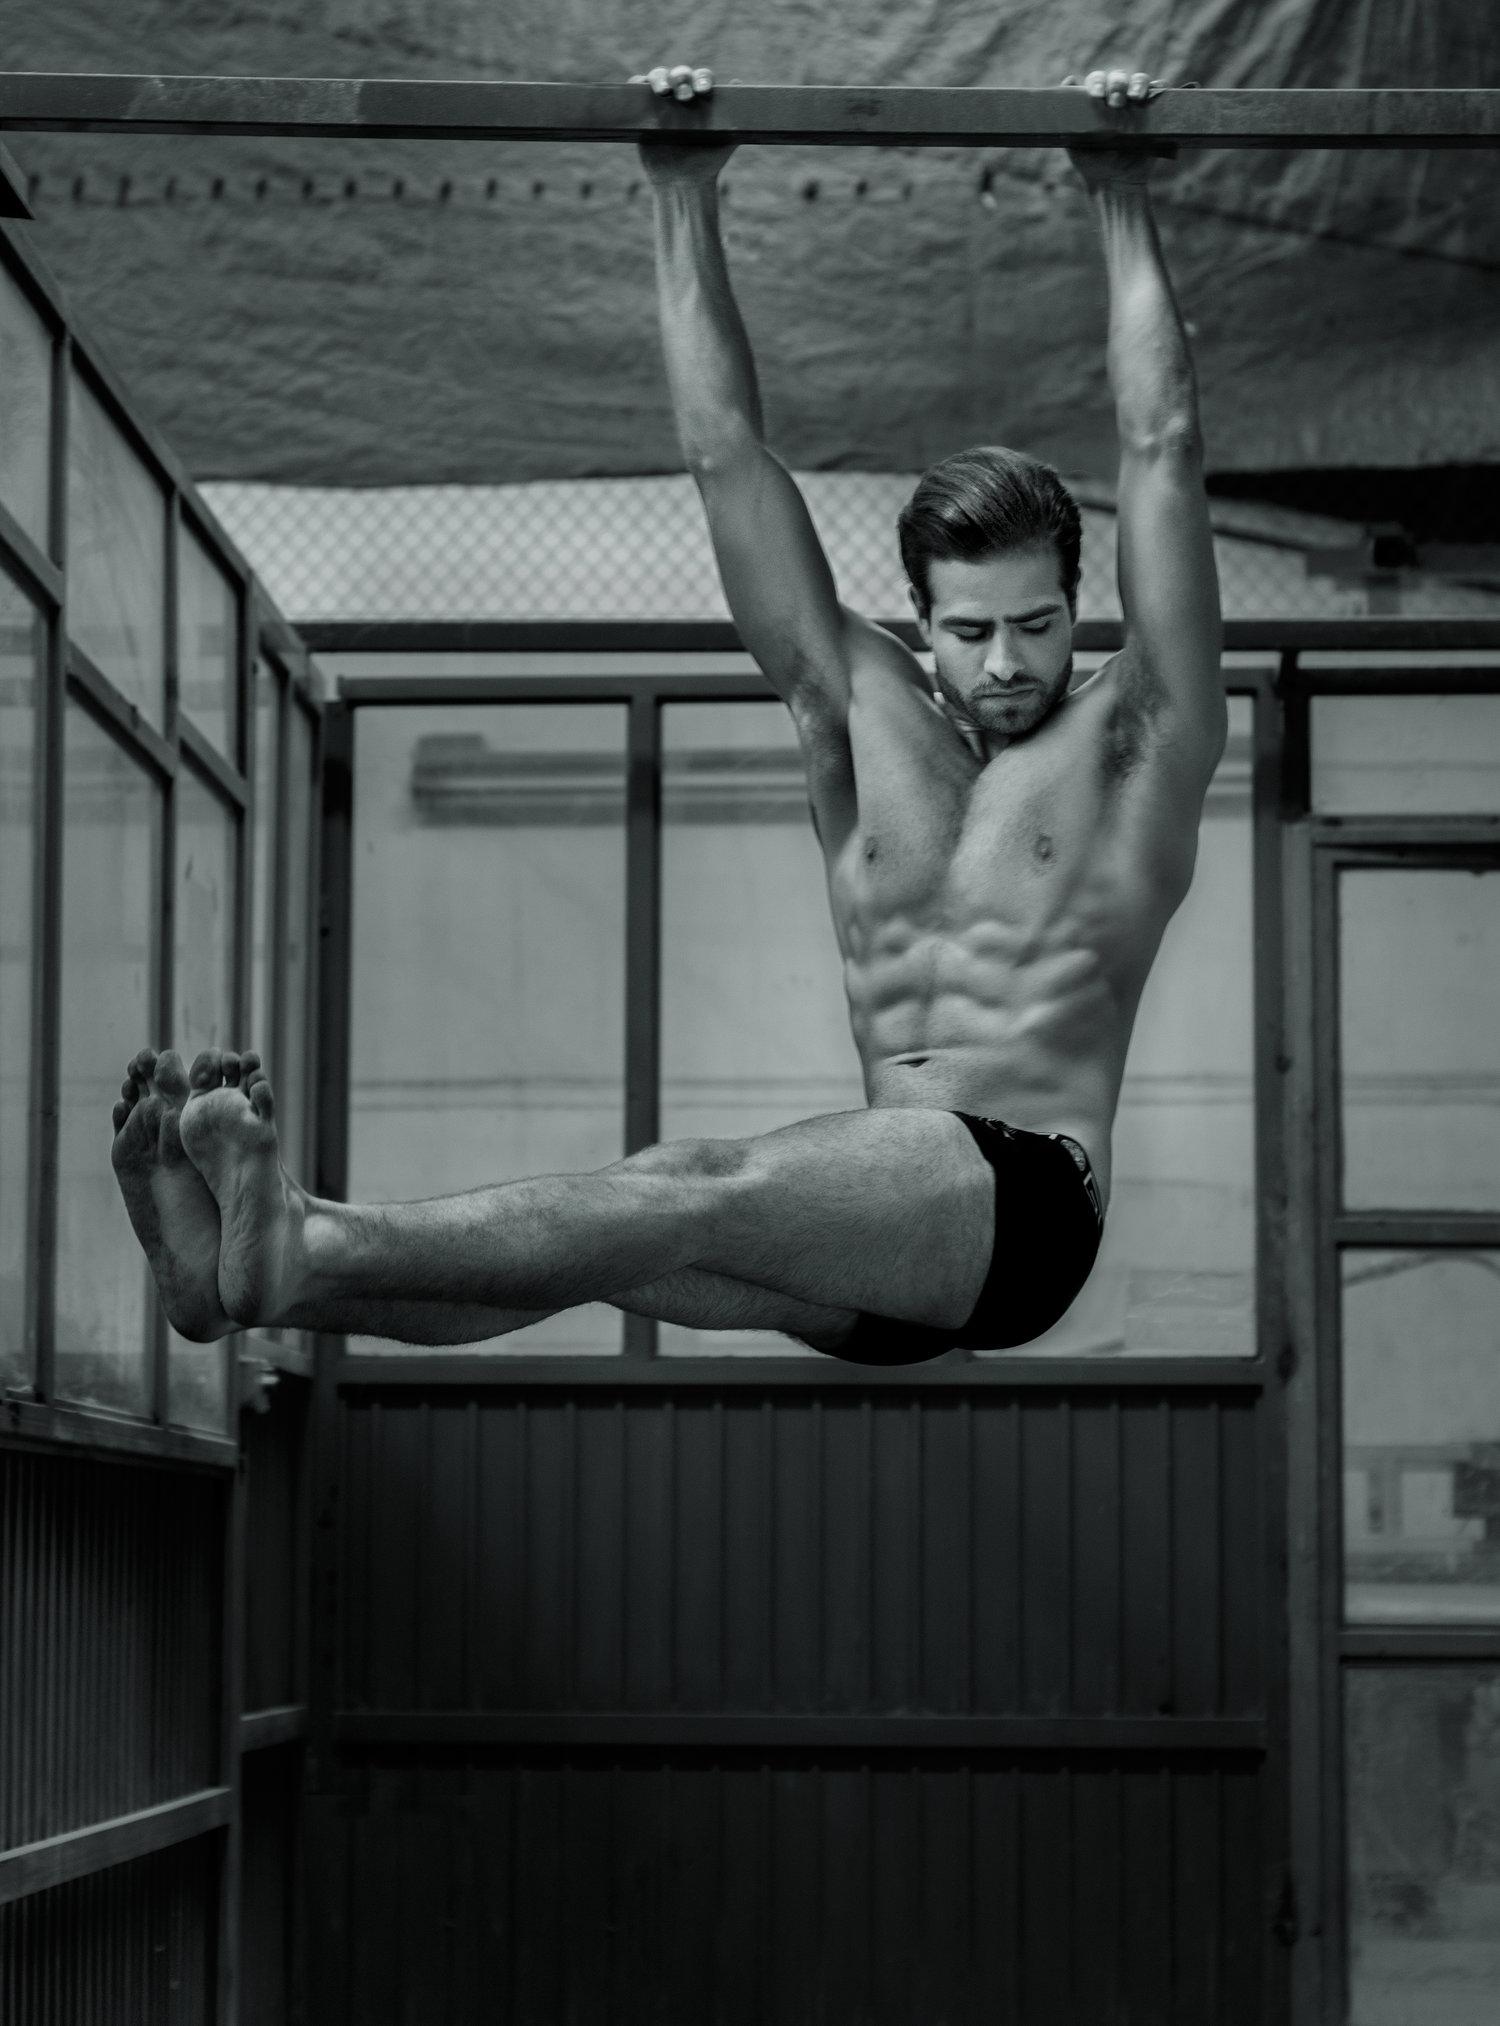 Adon Exclusive: Model Giovanni Sencion By Luis Zamarripa